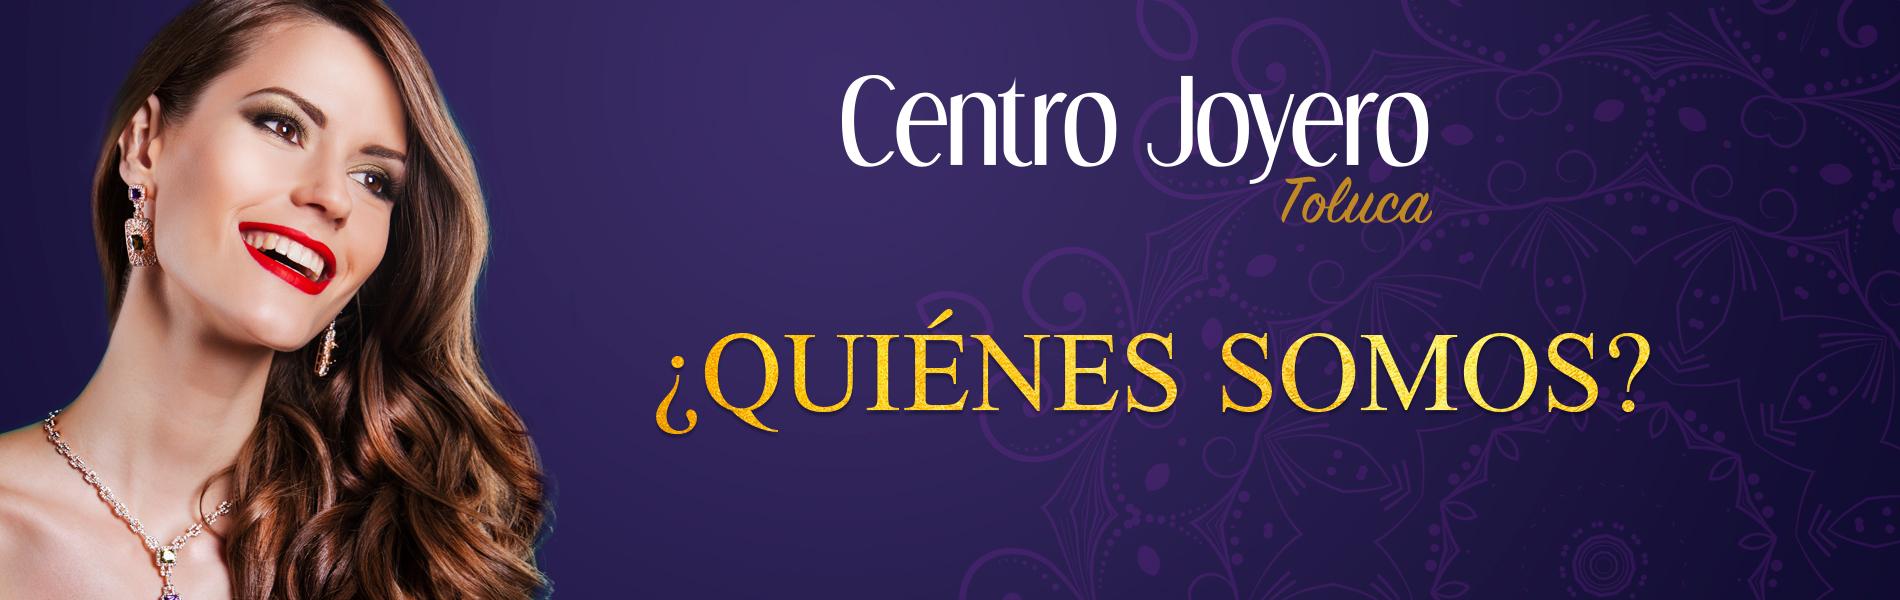 CENTRO JOYERO